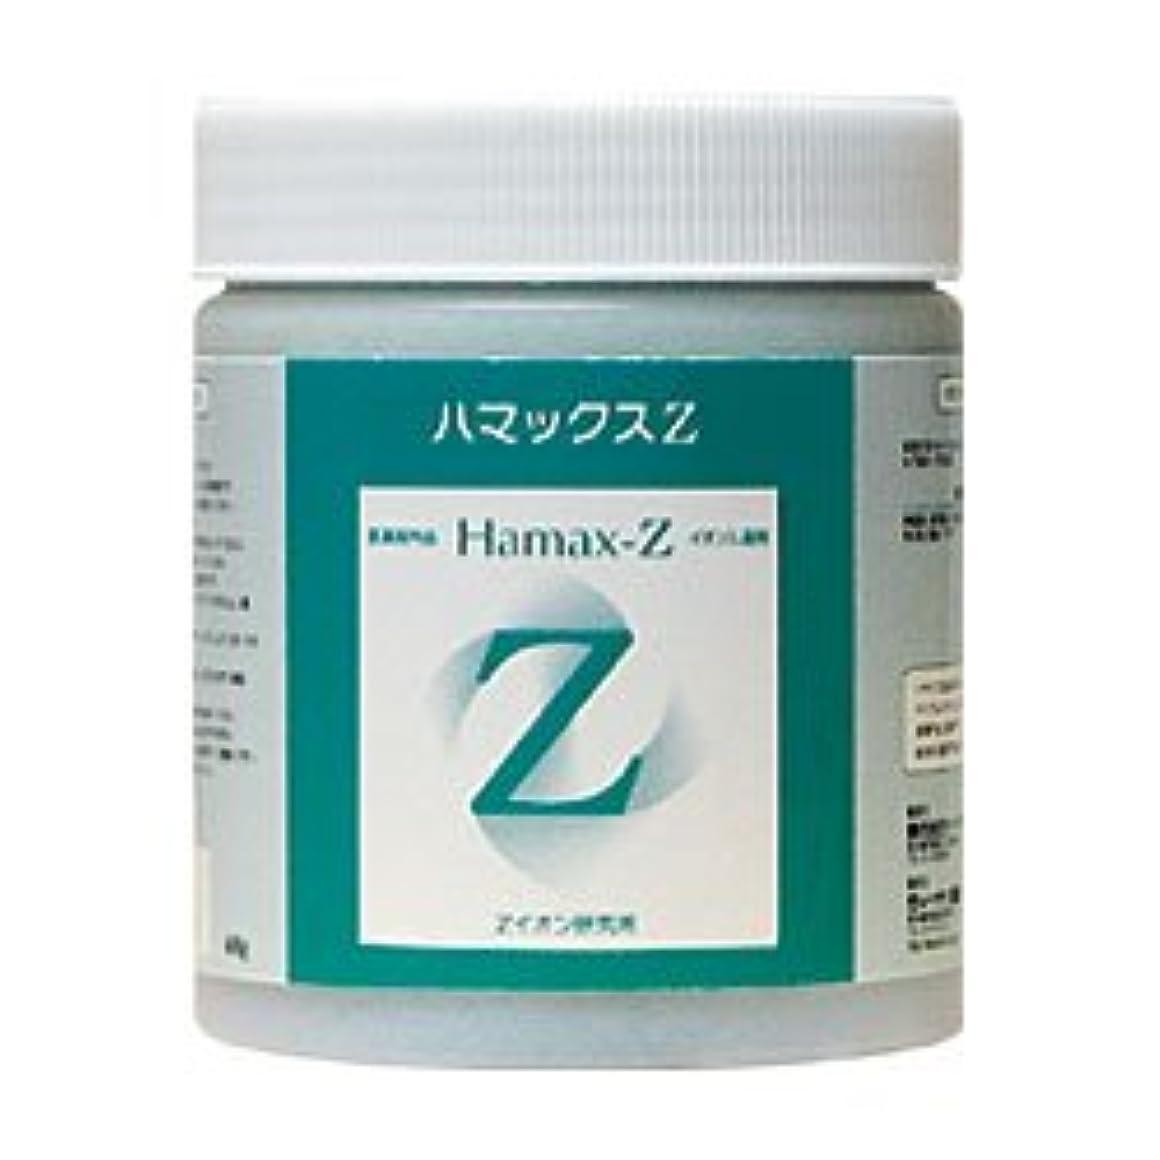 火山学者リース自治医薬部外品 イオン入湯剤ハマックスZ 400g